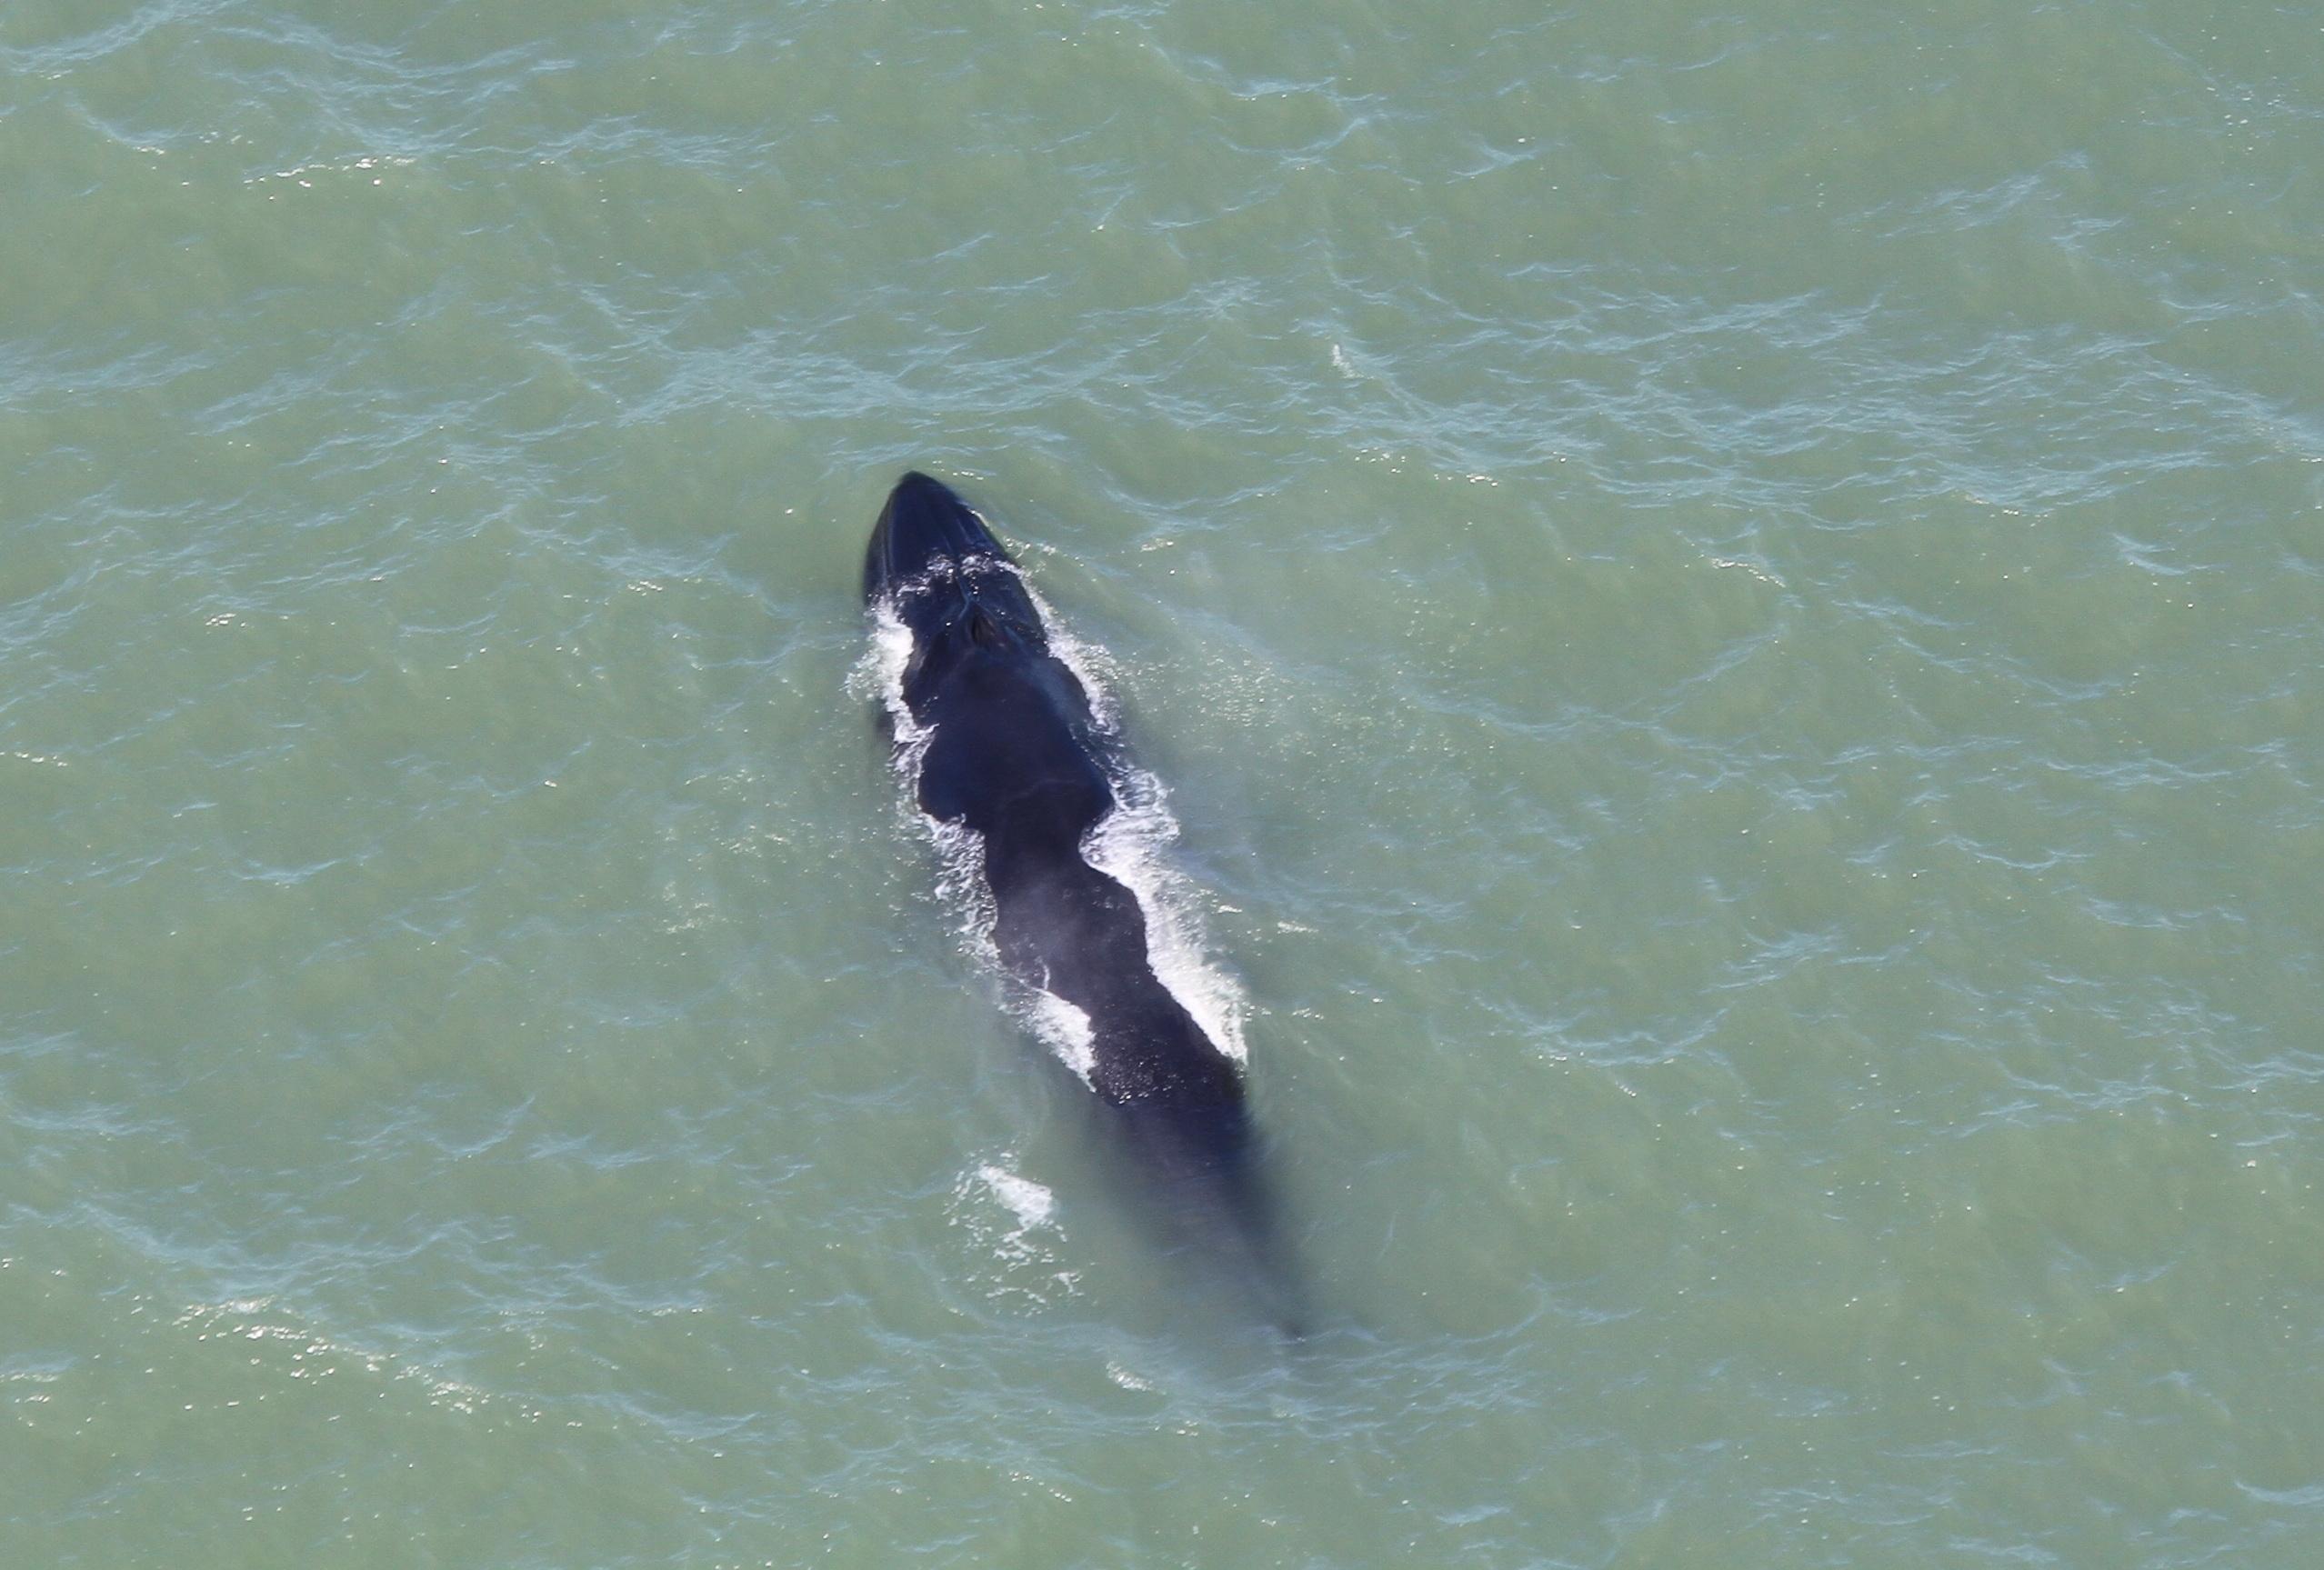 Baleia de bryde foi avistada durante o último sobrevoo - Paulo Flores/Divulgação/ND